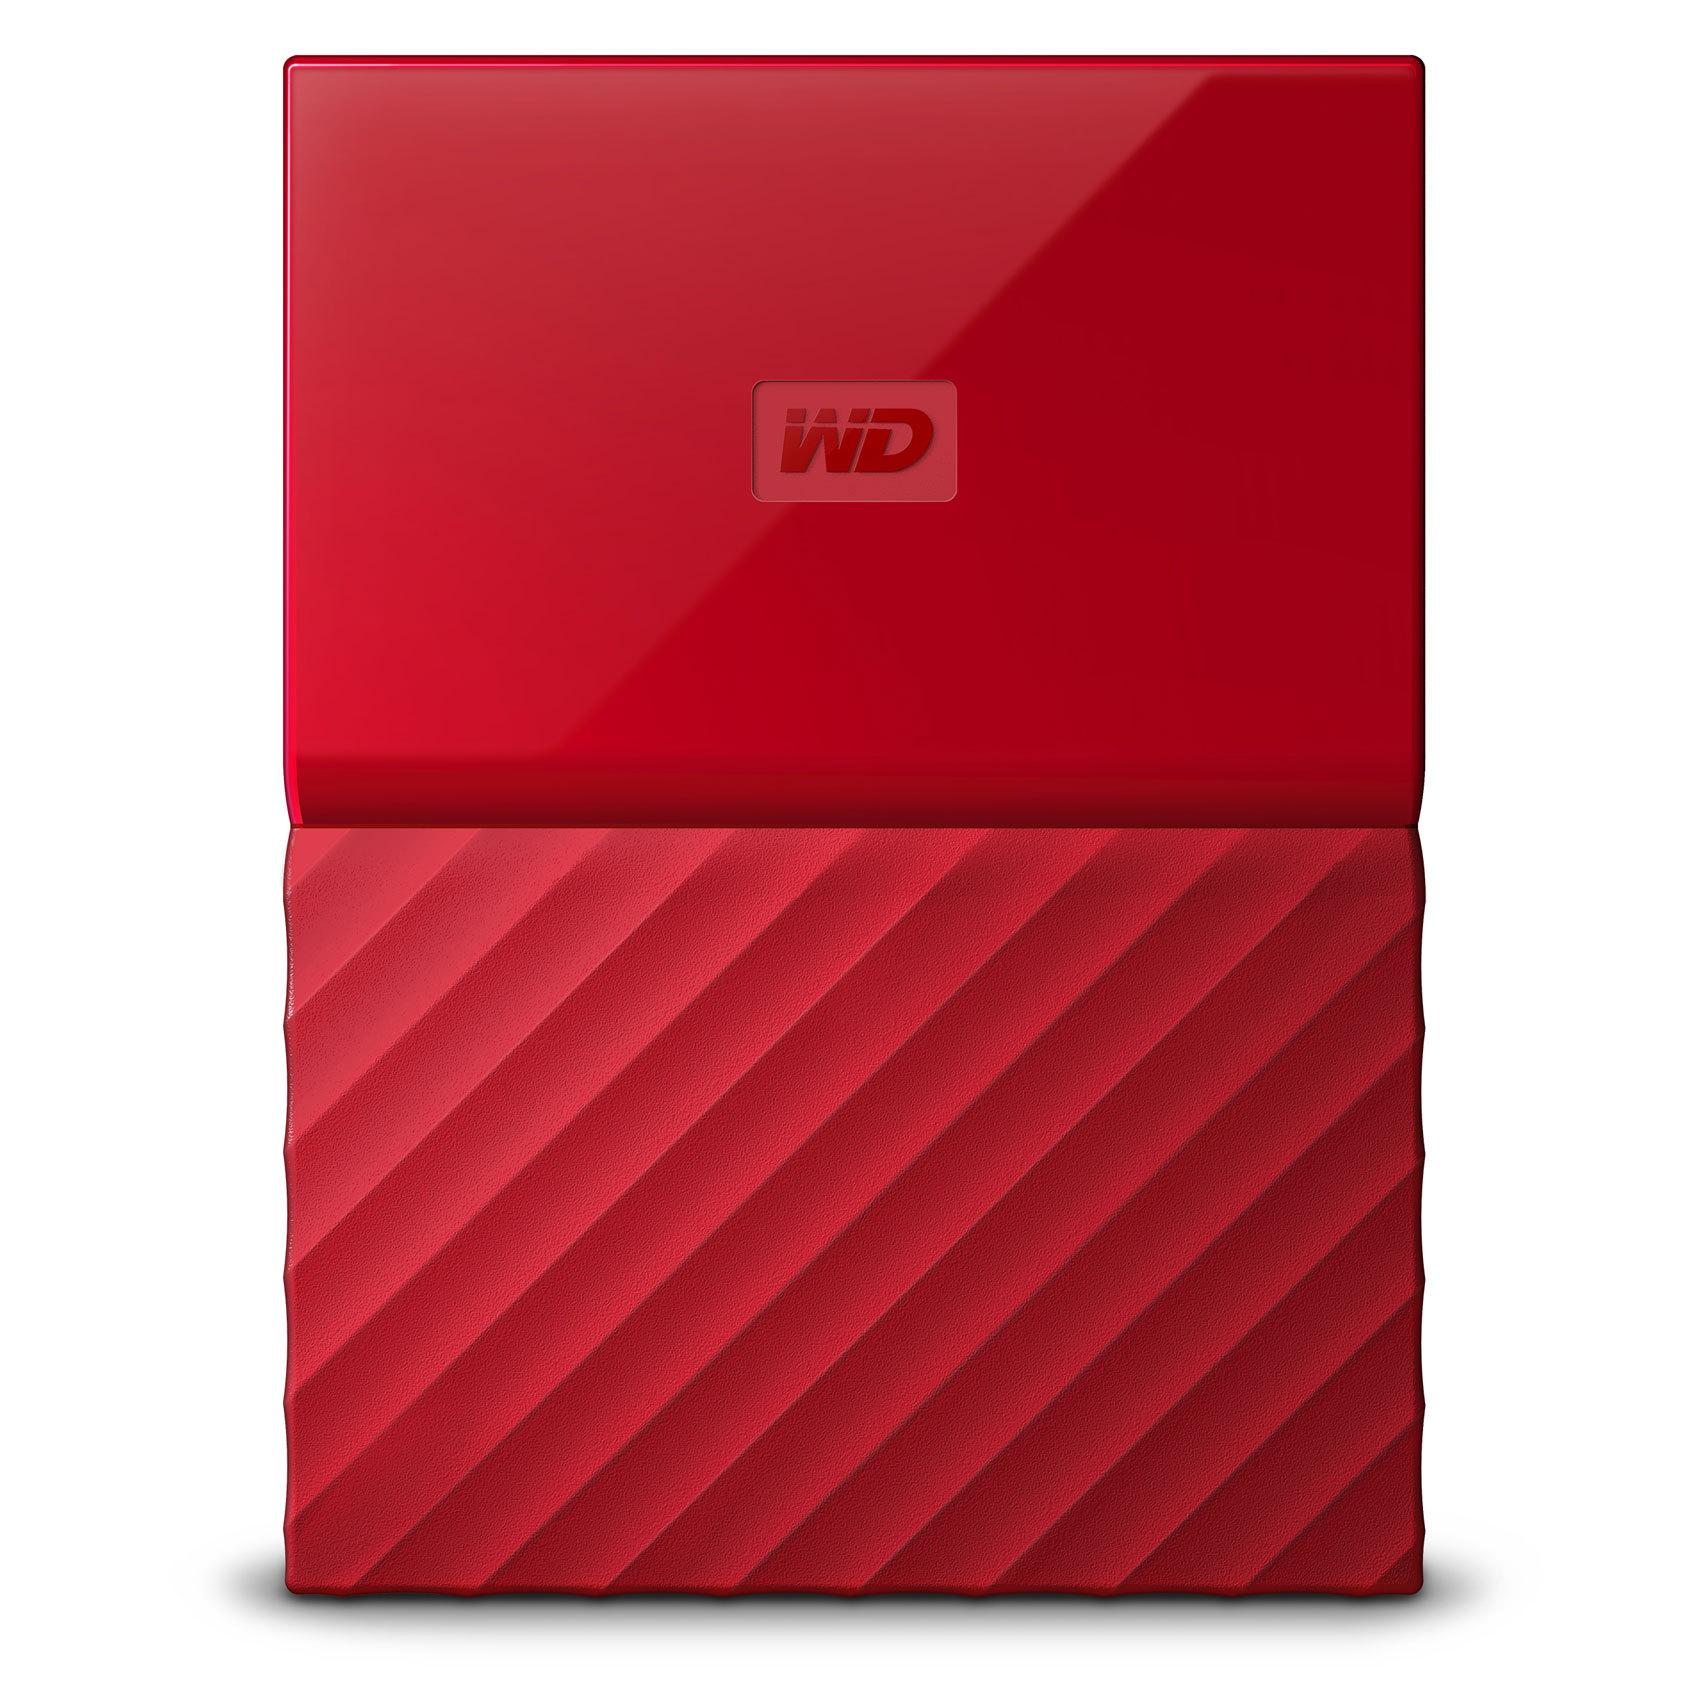 WD HDD 2TB PASSPORT RD WW